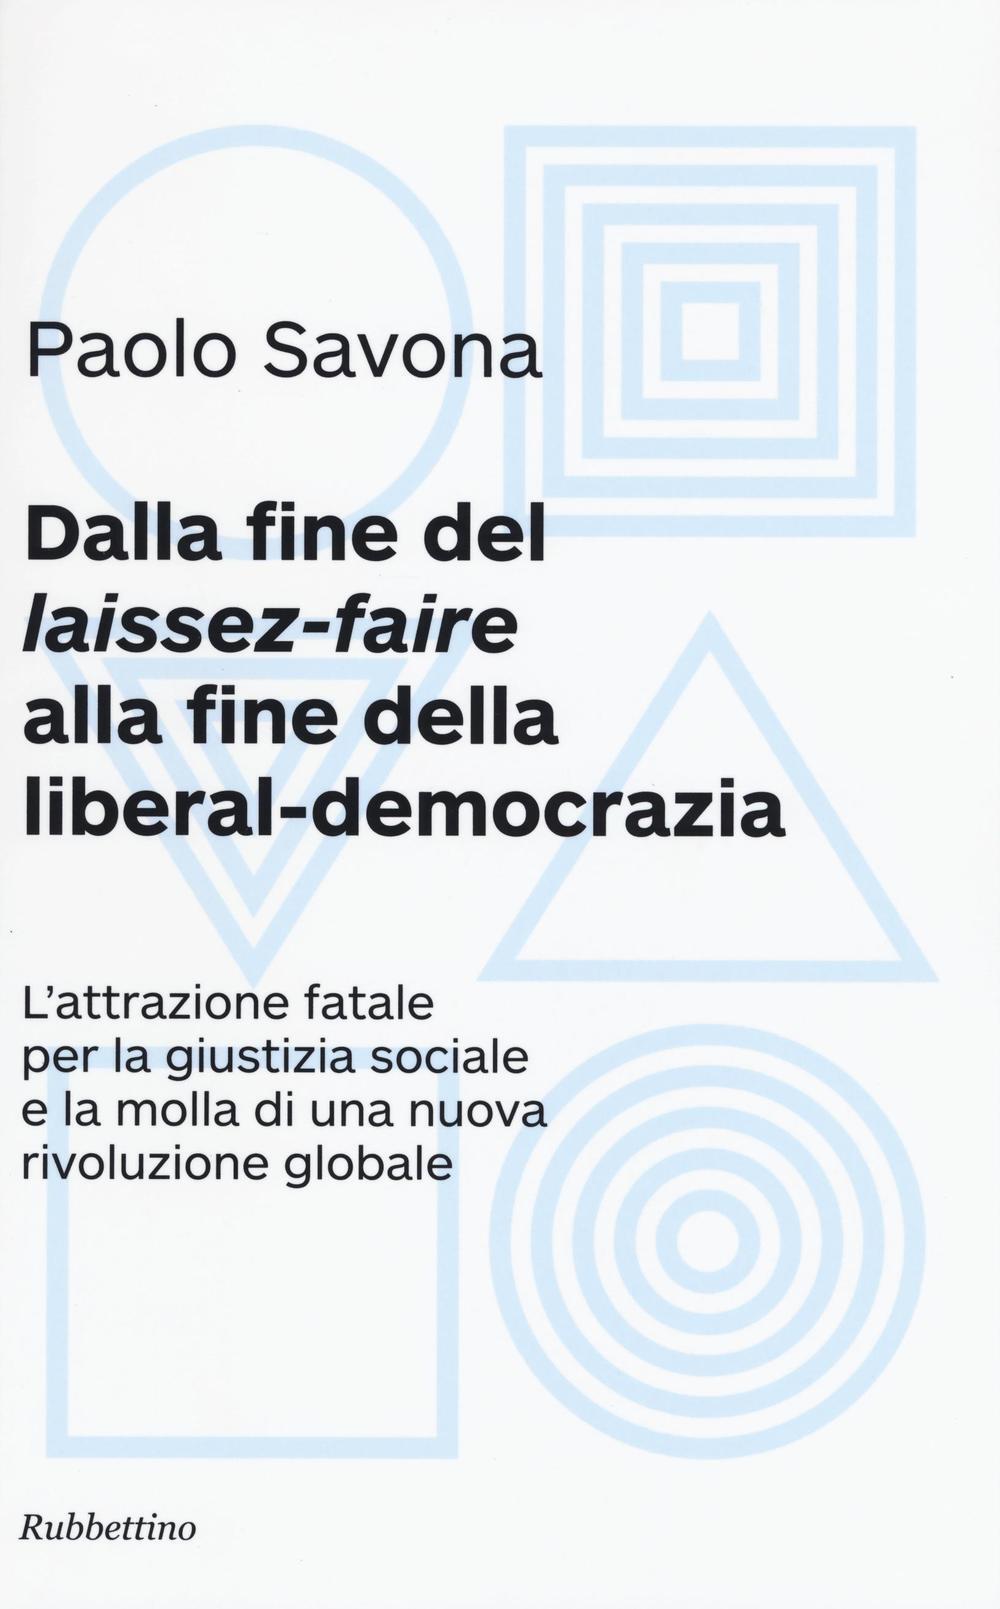 Paolo Savona Libri Dellautore In Vendita Online